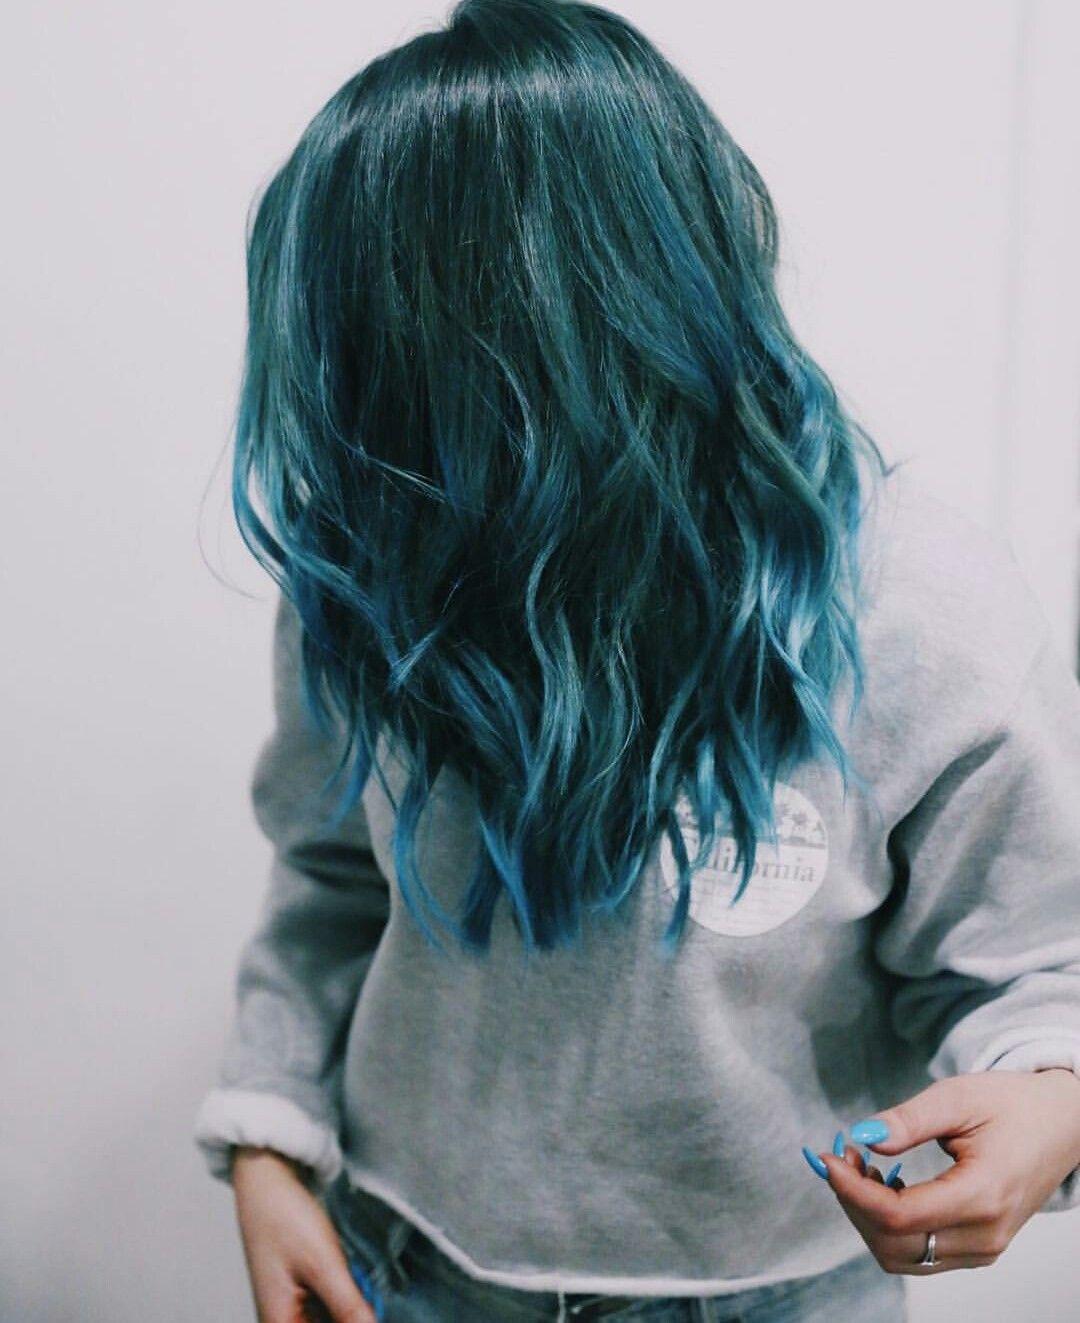 Love Niki S Hair Hair Dye Shades Hair Styles Dyed Hair